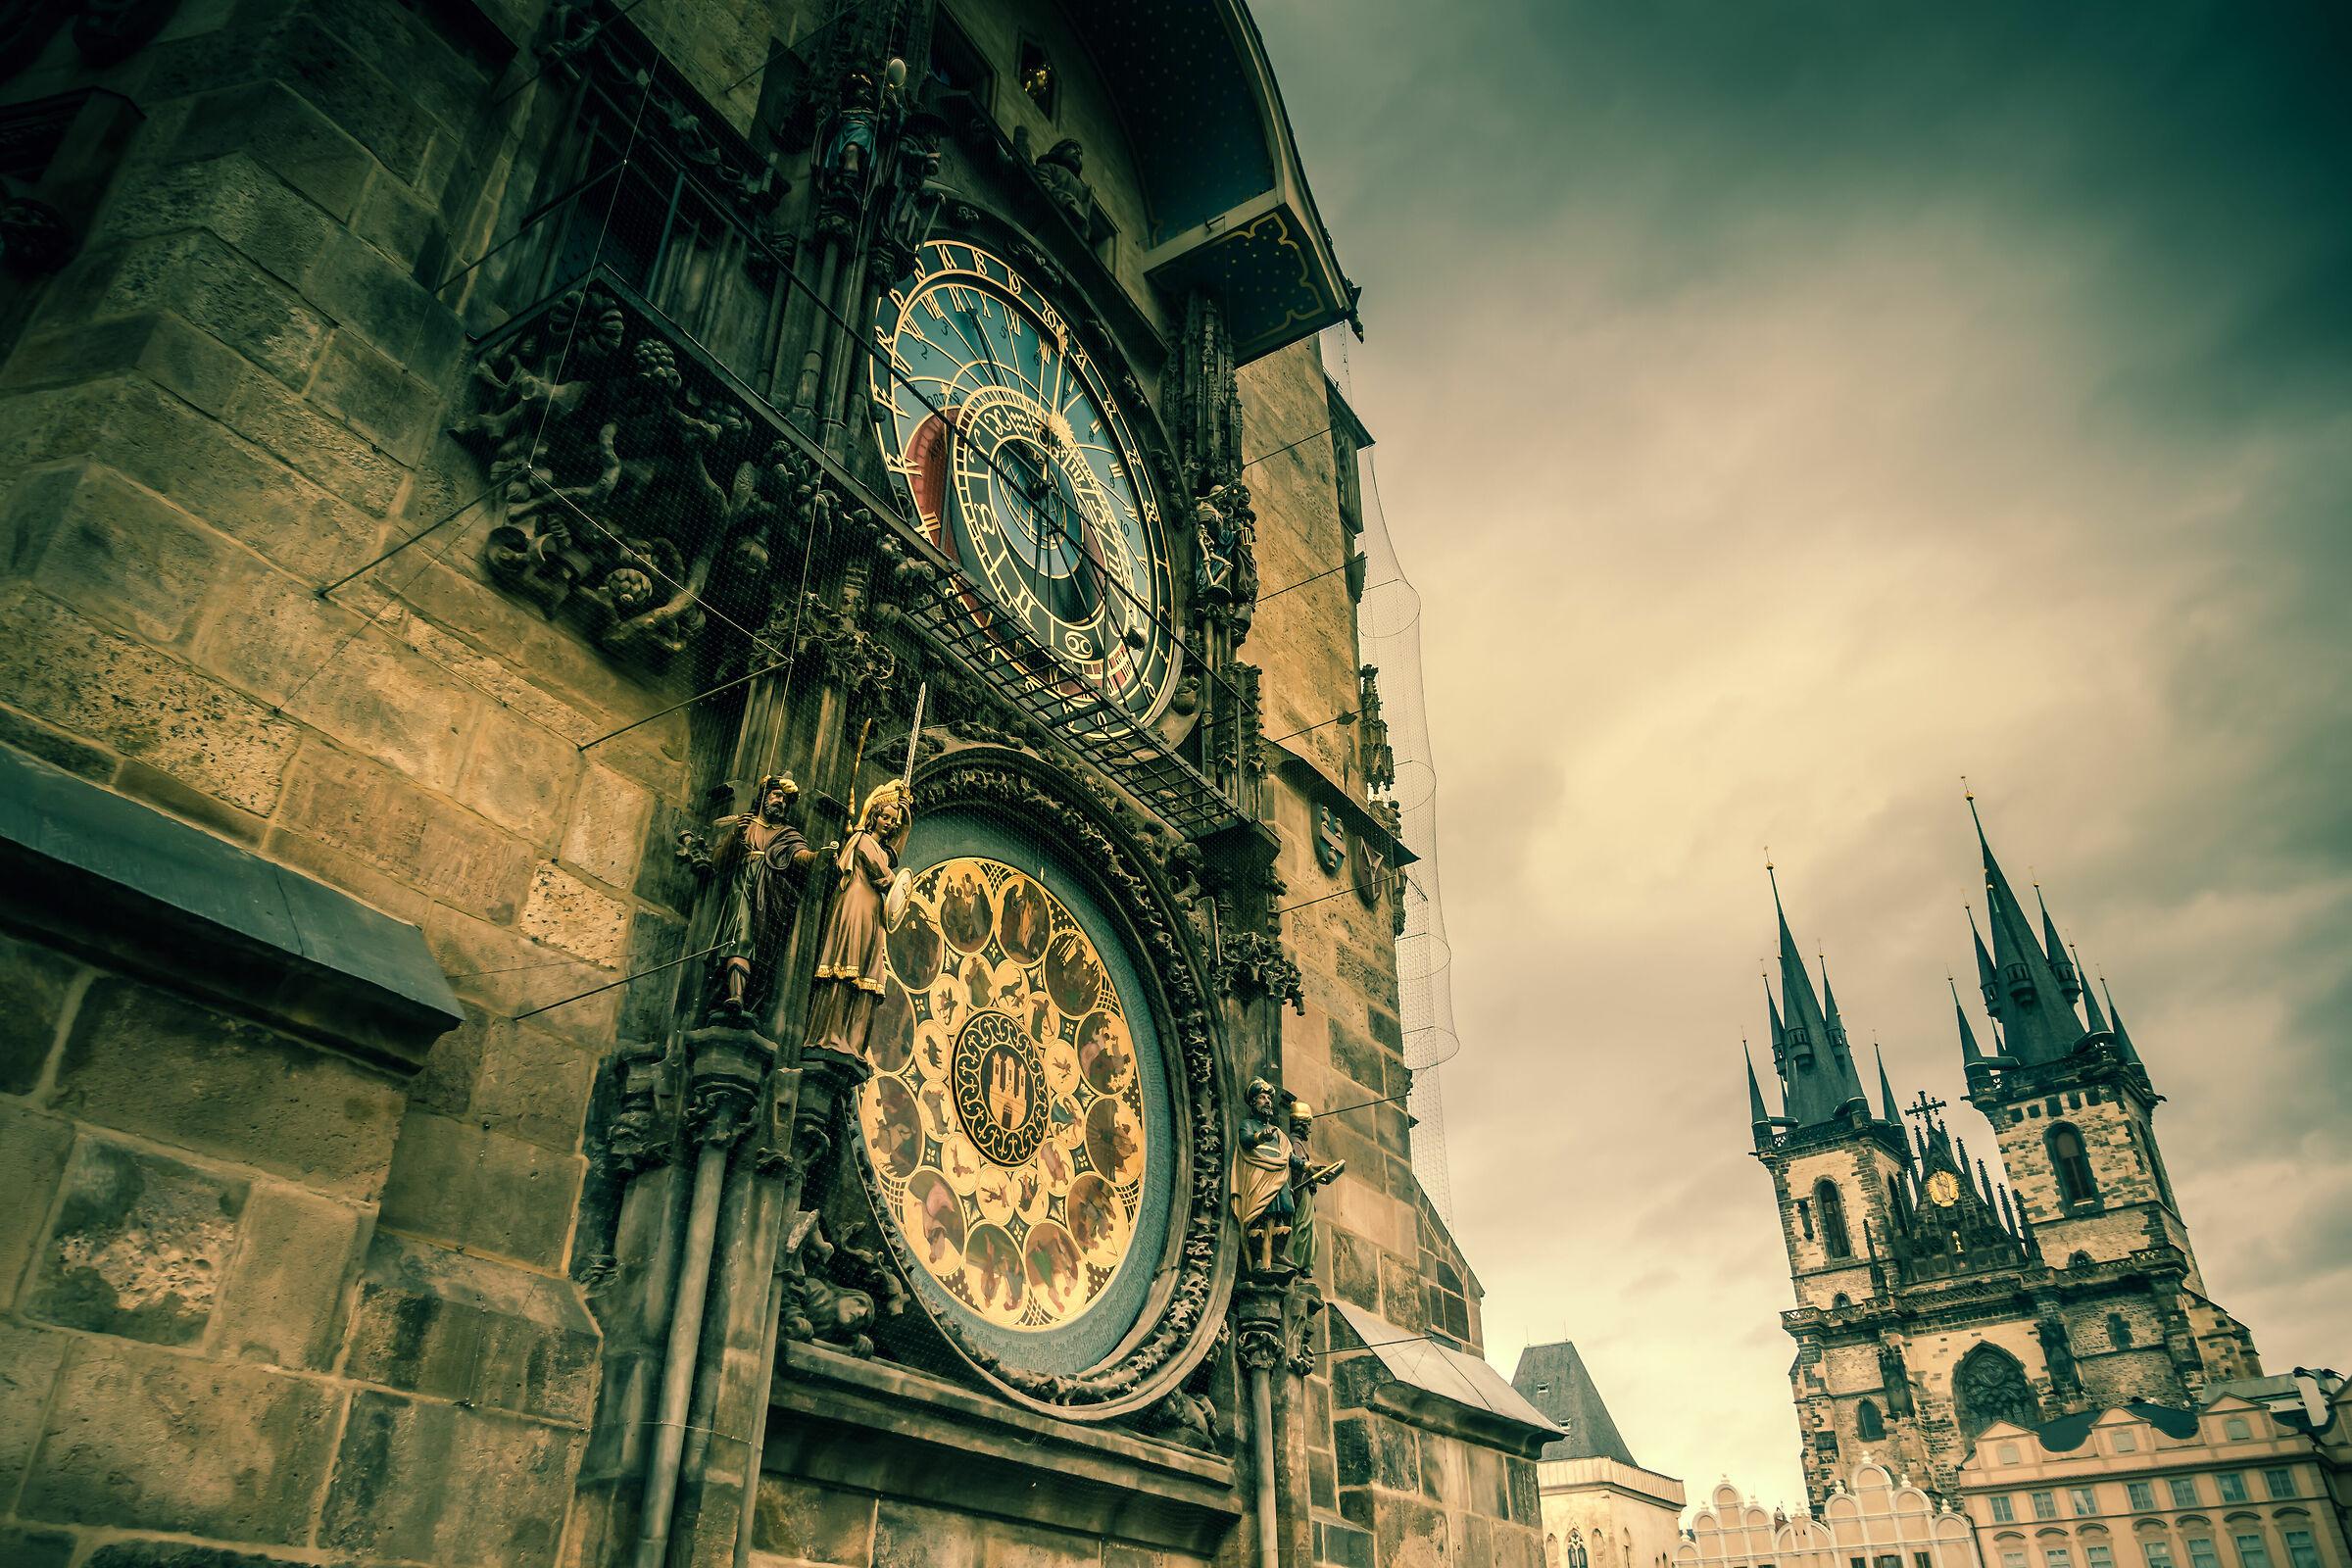 Prague Astronomical Clock...